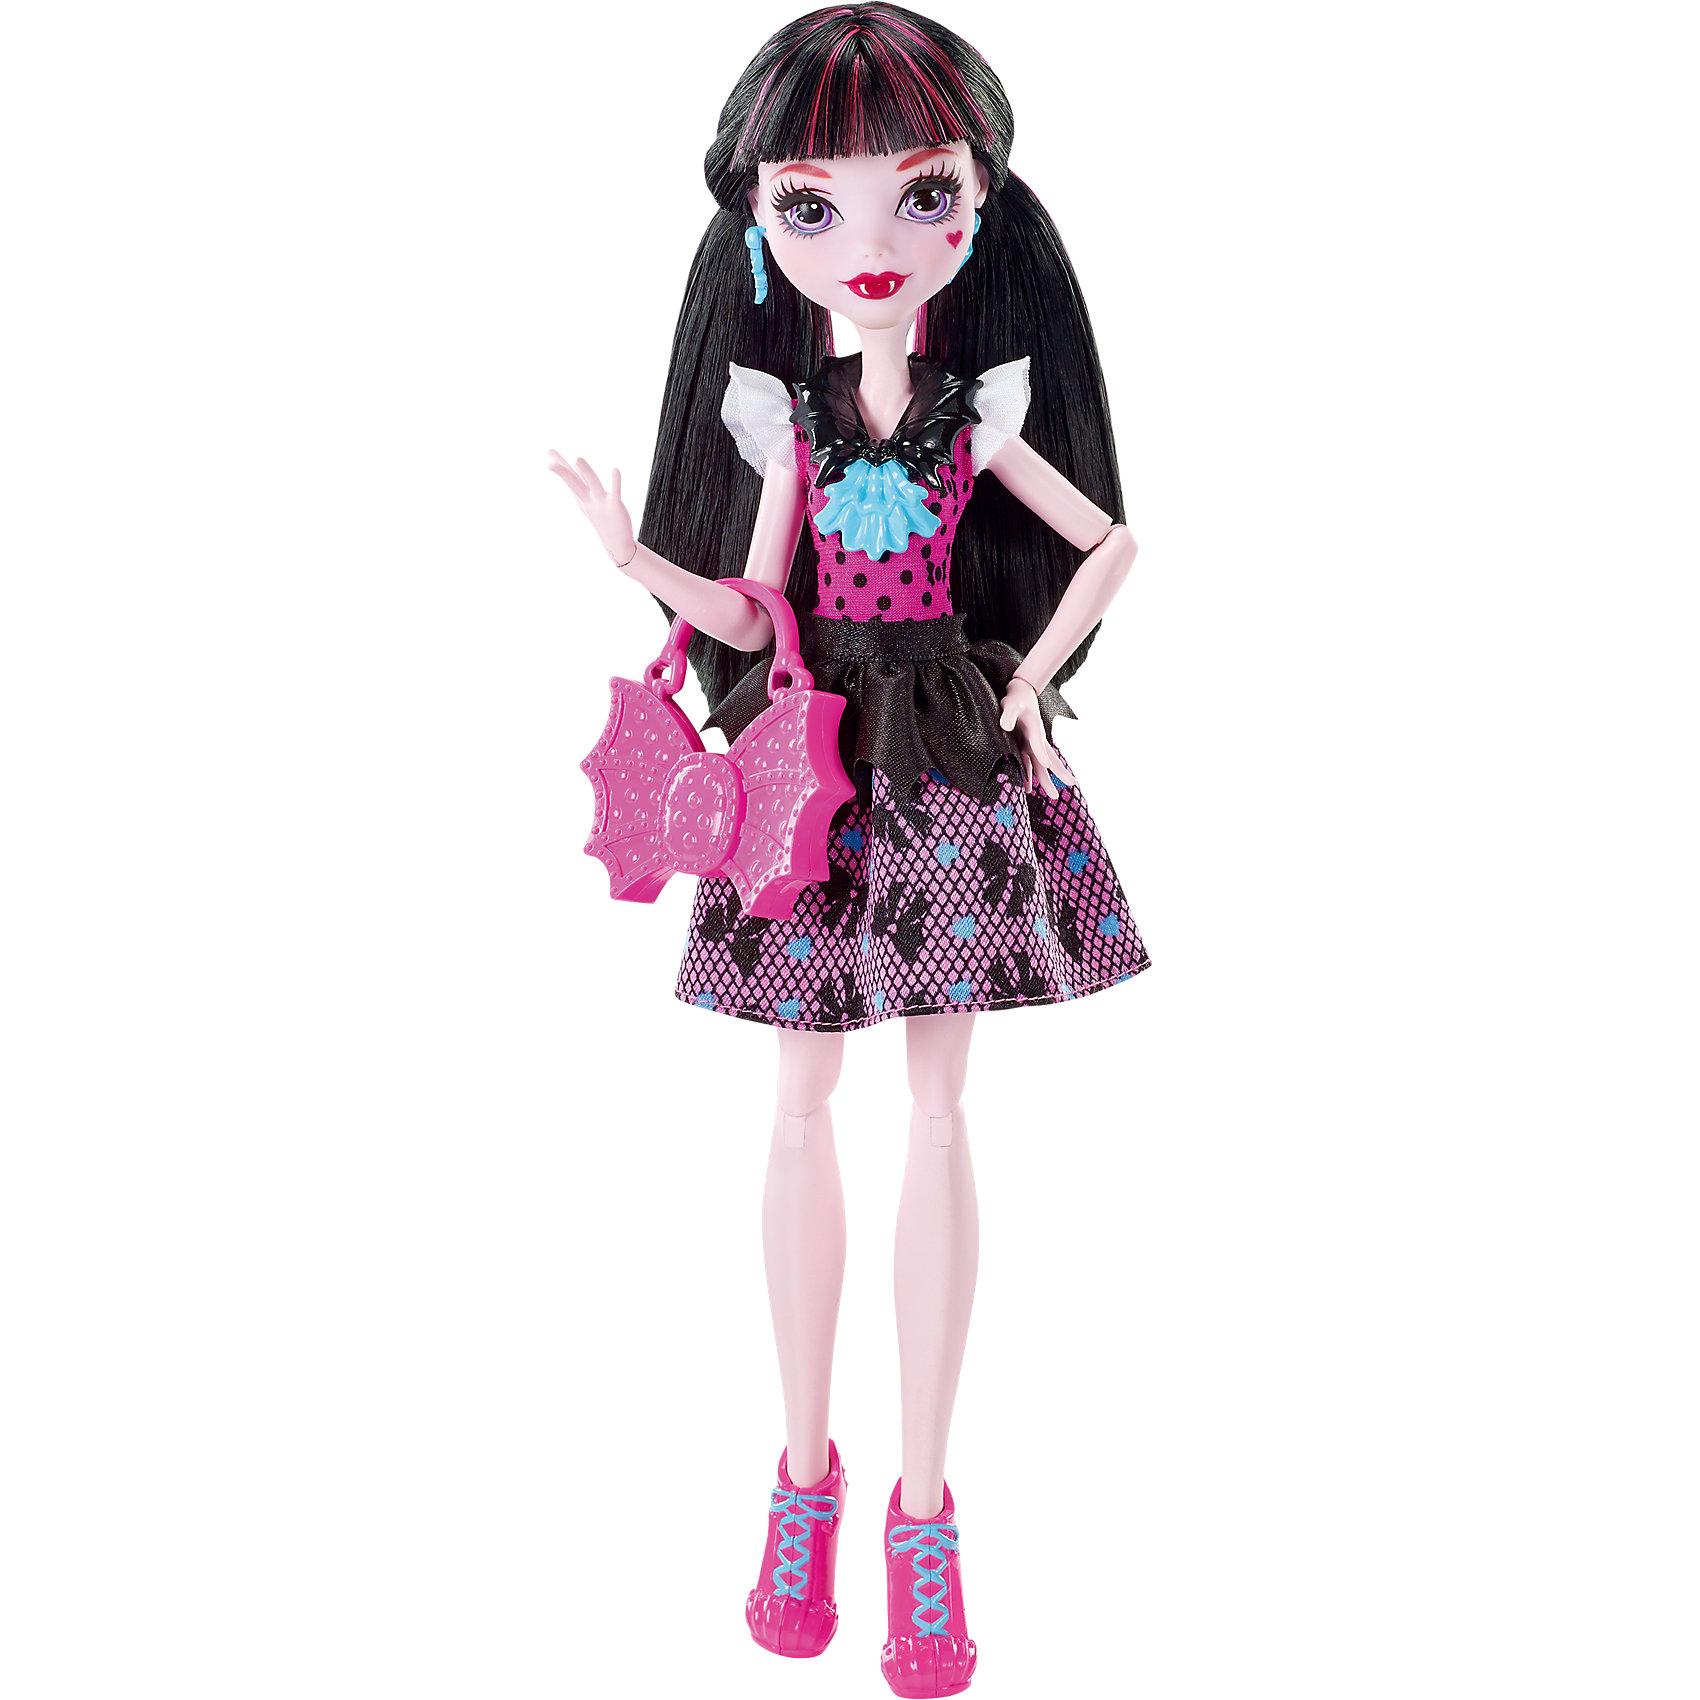 Кукла Дракулаура в модном наряде, Monster HighБренды кукол<br>Дракулаура - милая девочка, дочь графа Дракулы. На этот раз она красиво нарядилась для первого дня в школе Monster High. Кукла одета в оригинальное платье с принтом и стильные розовые ботиночки. Милая розовая сумочка в форме летучей мыши прекрасно дополняет образ юной леди.<br><br>Дополнительная информация:<br>Материал: пластик<br>Куклу Дракулауру можно купить в нашем интернет-магазине.<br><br>Ширина мм: 324<br>Глубина мм: 152<br>Высота мм: 68<br>Вес г: 205<br>Возраст от месяцев: 72<br>Возраст до месяцев: 120<br>Пол: Женский<br>Возраст: Детский<br>SKU: 4765346